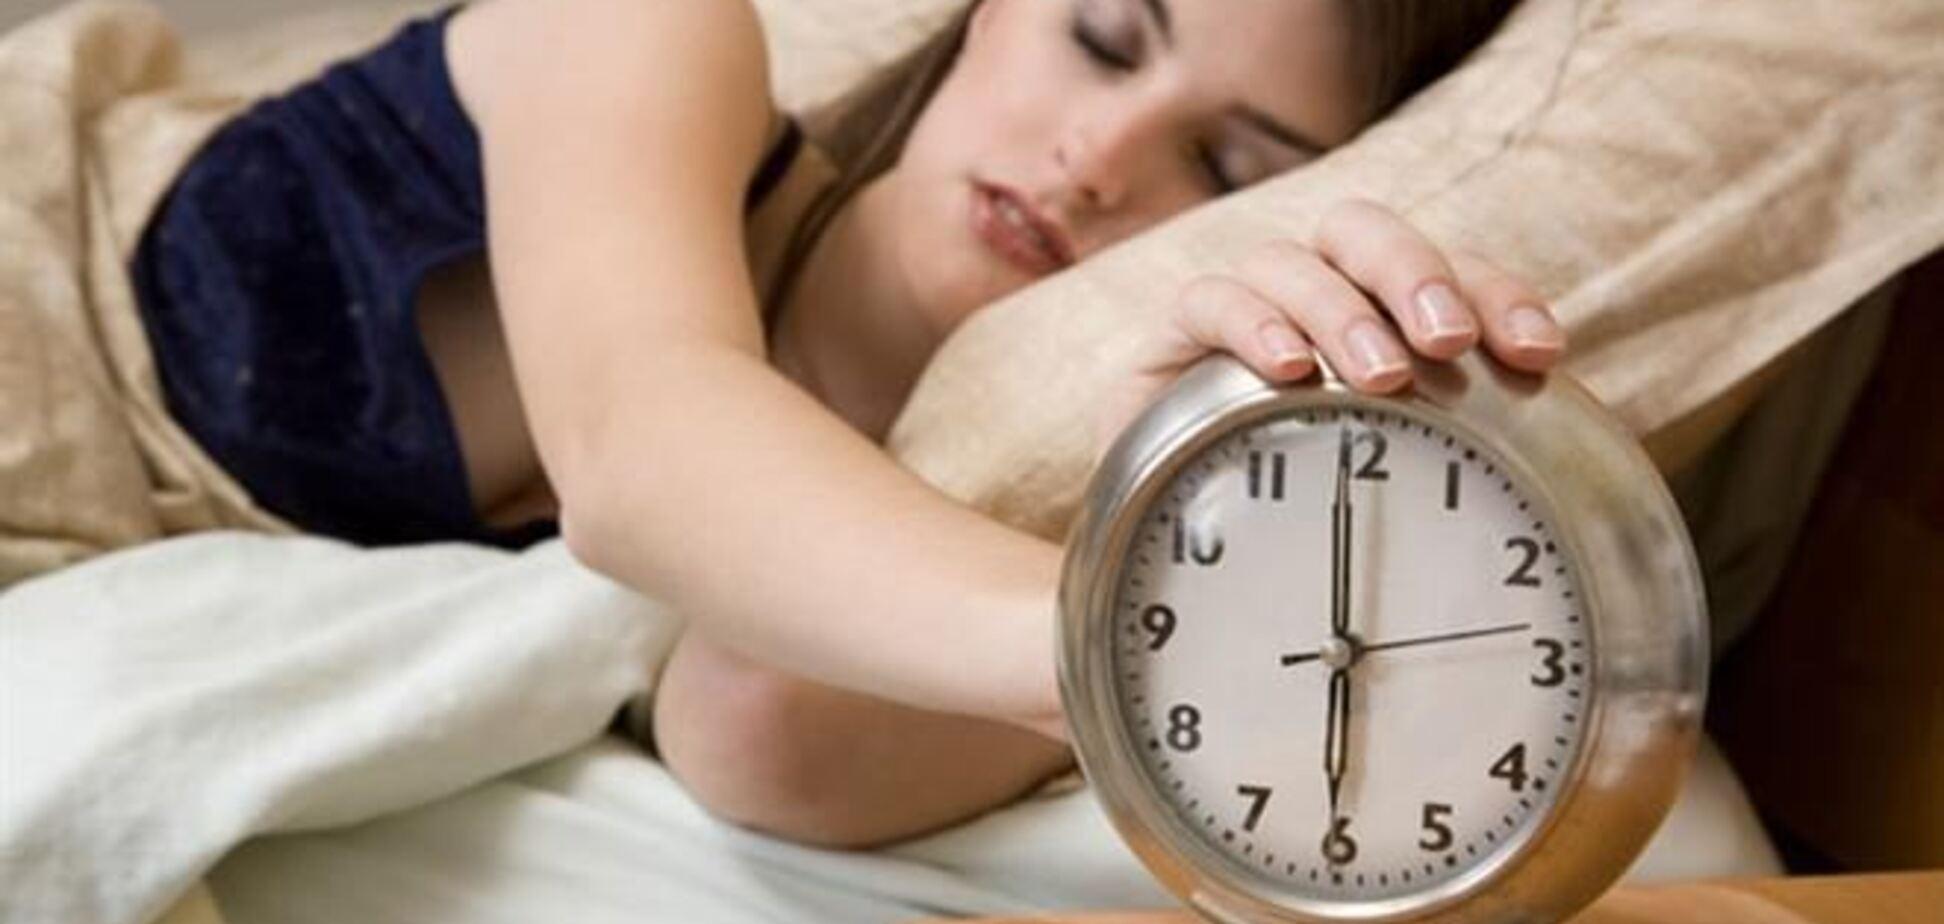 Медик рекомендует засыпать не позже 22 часов